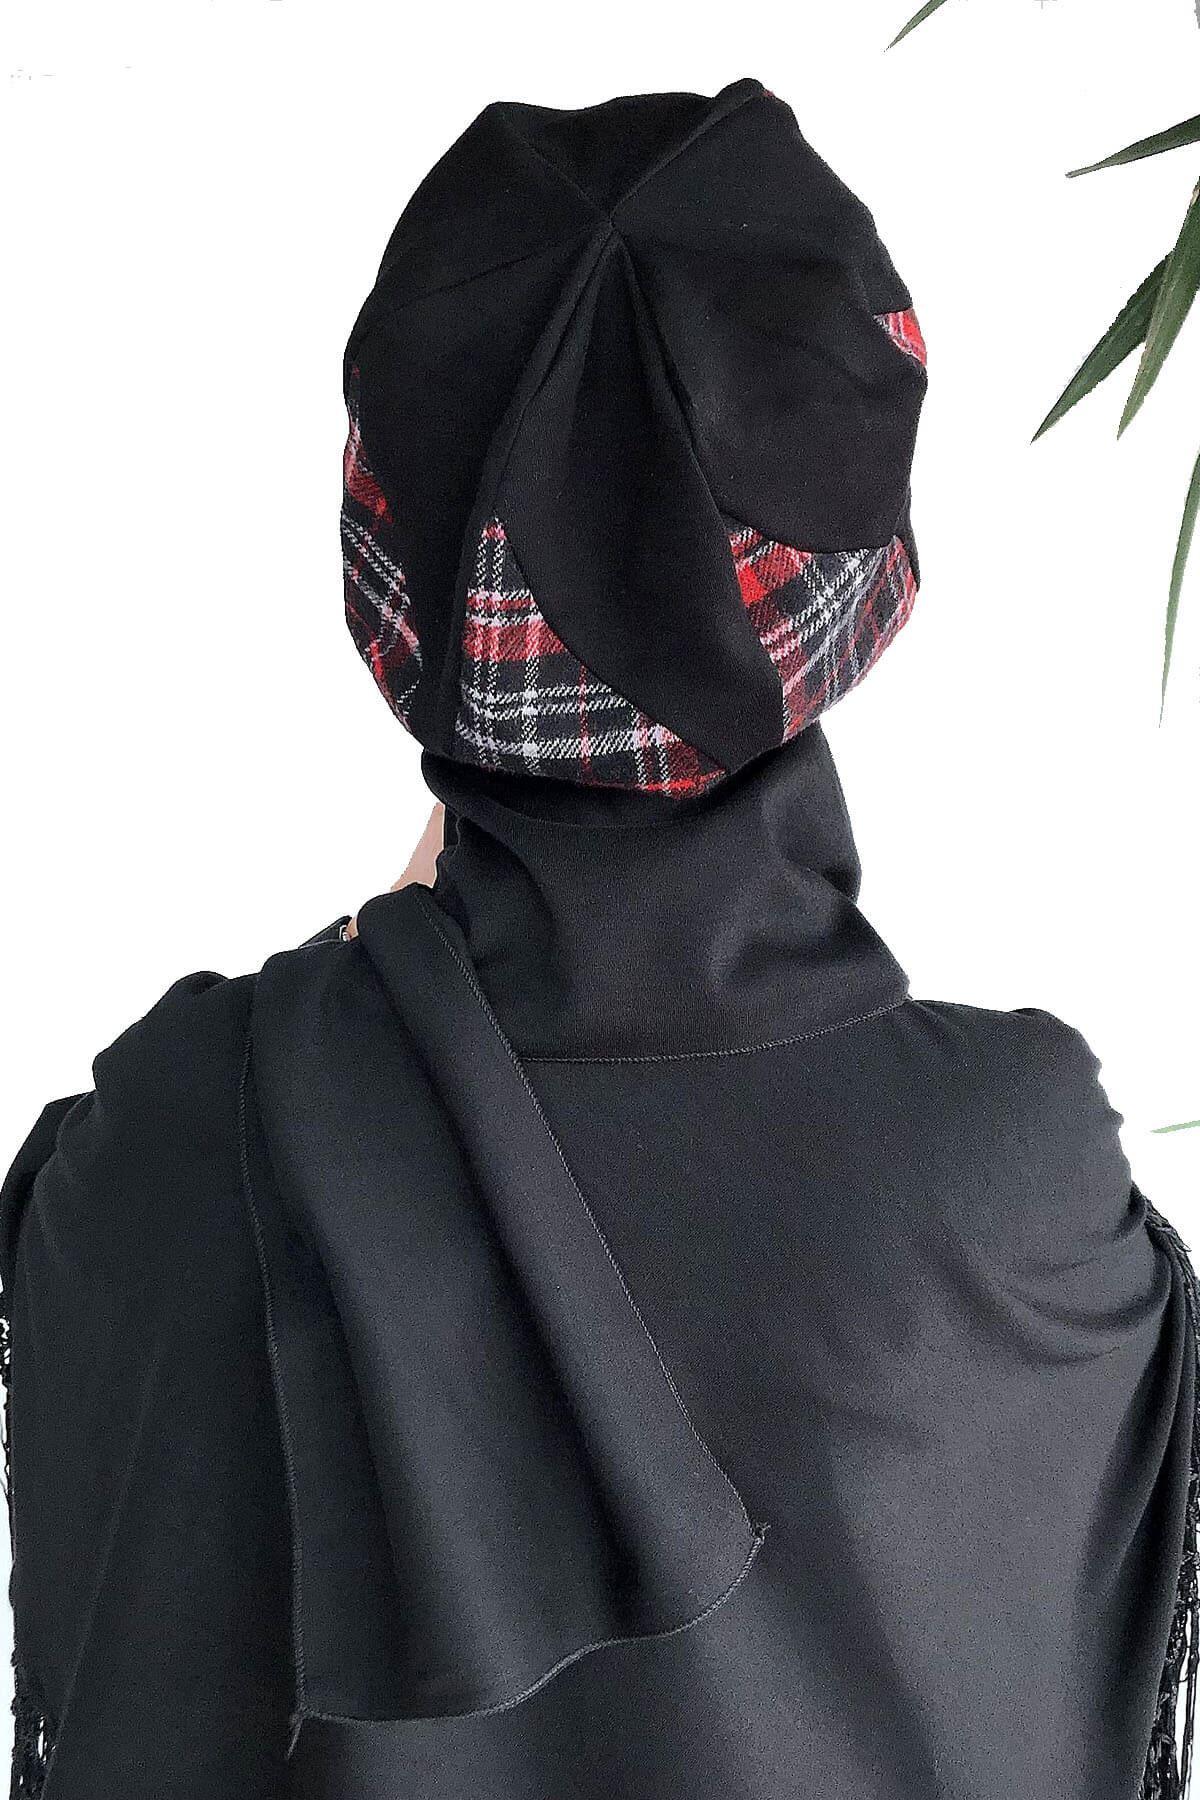 Kırmızı Siyah Ekoseli Damla Model Atkılı Bere Şal& Dantel Detaylı Panço Kombin